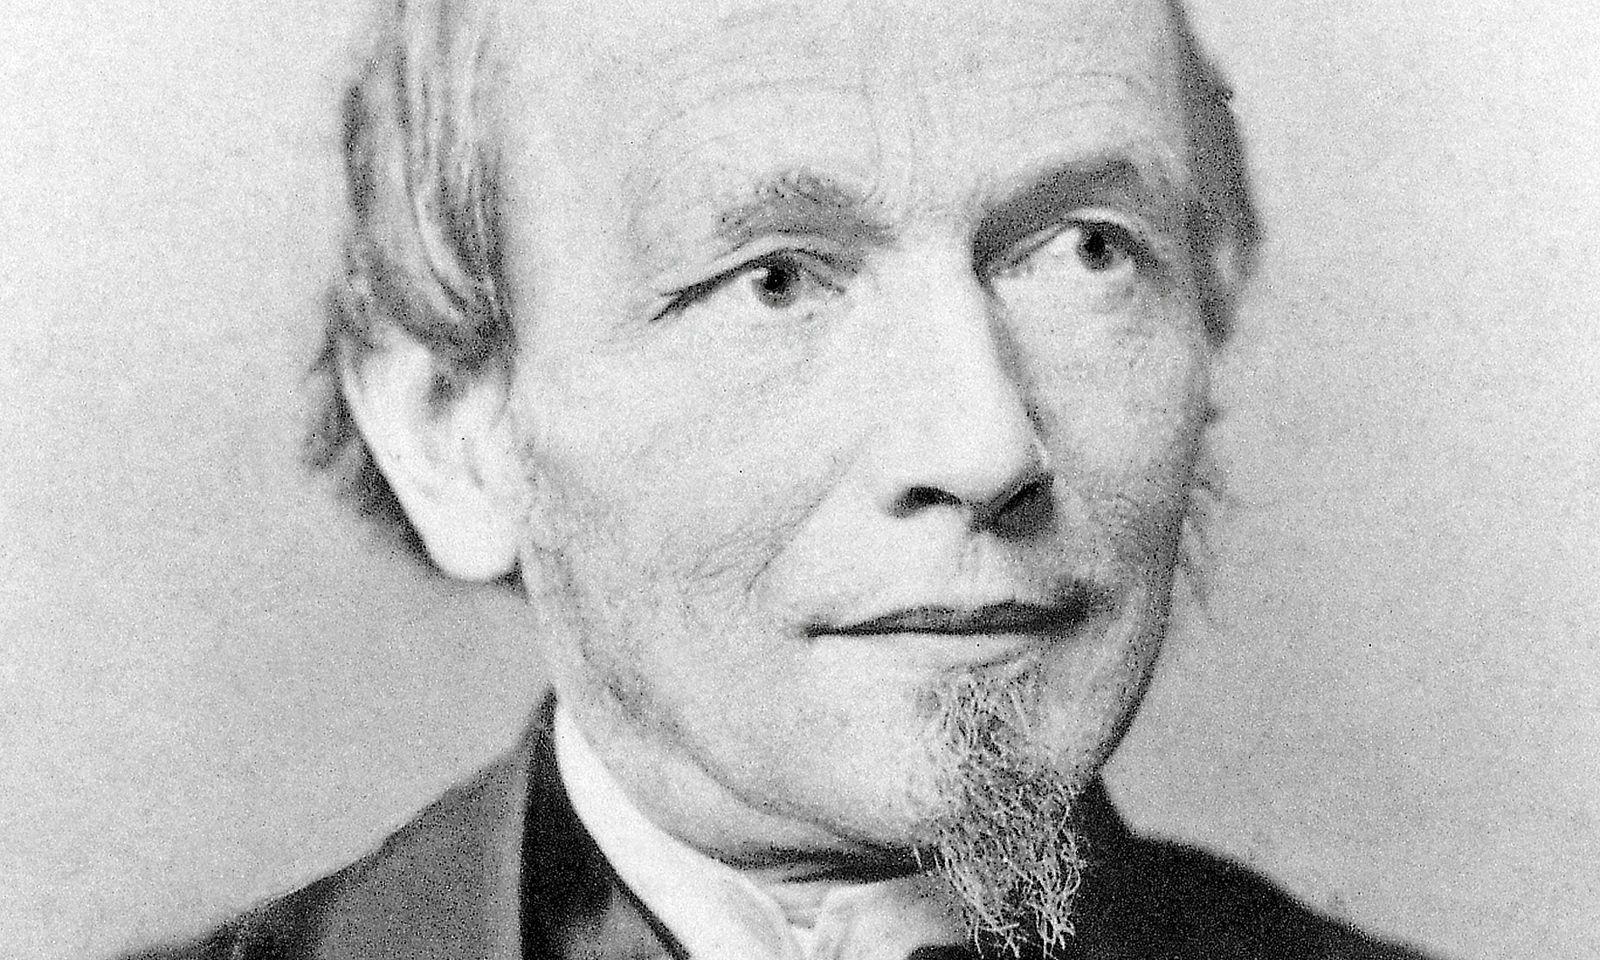 Ferdinand Adolph Lange. Begründer der Glashütter Uhrenindustrie.